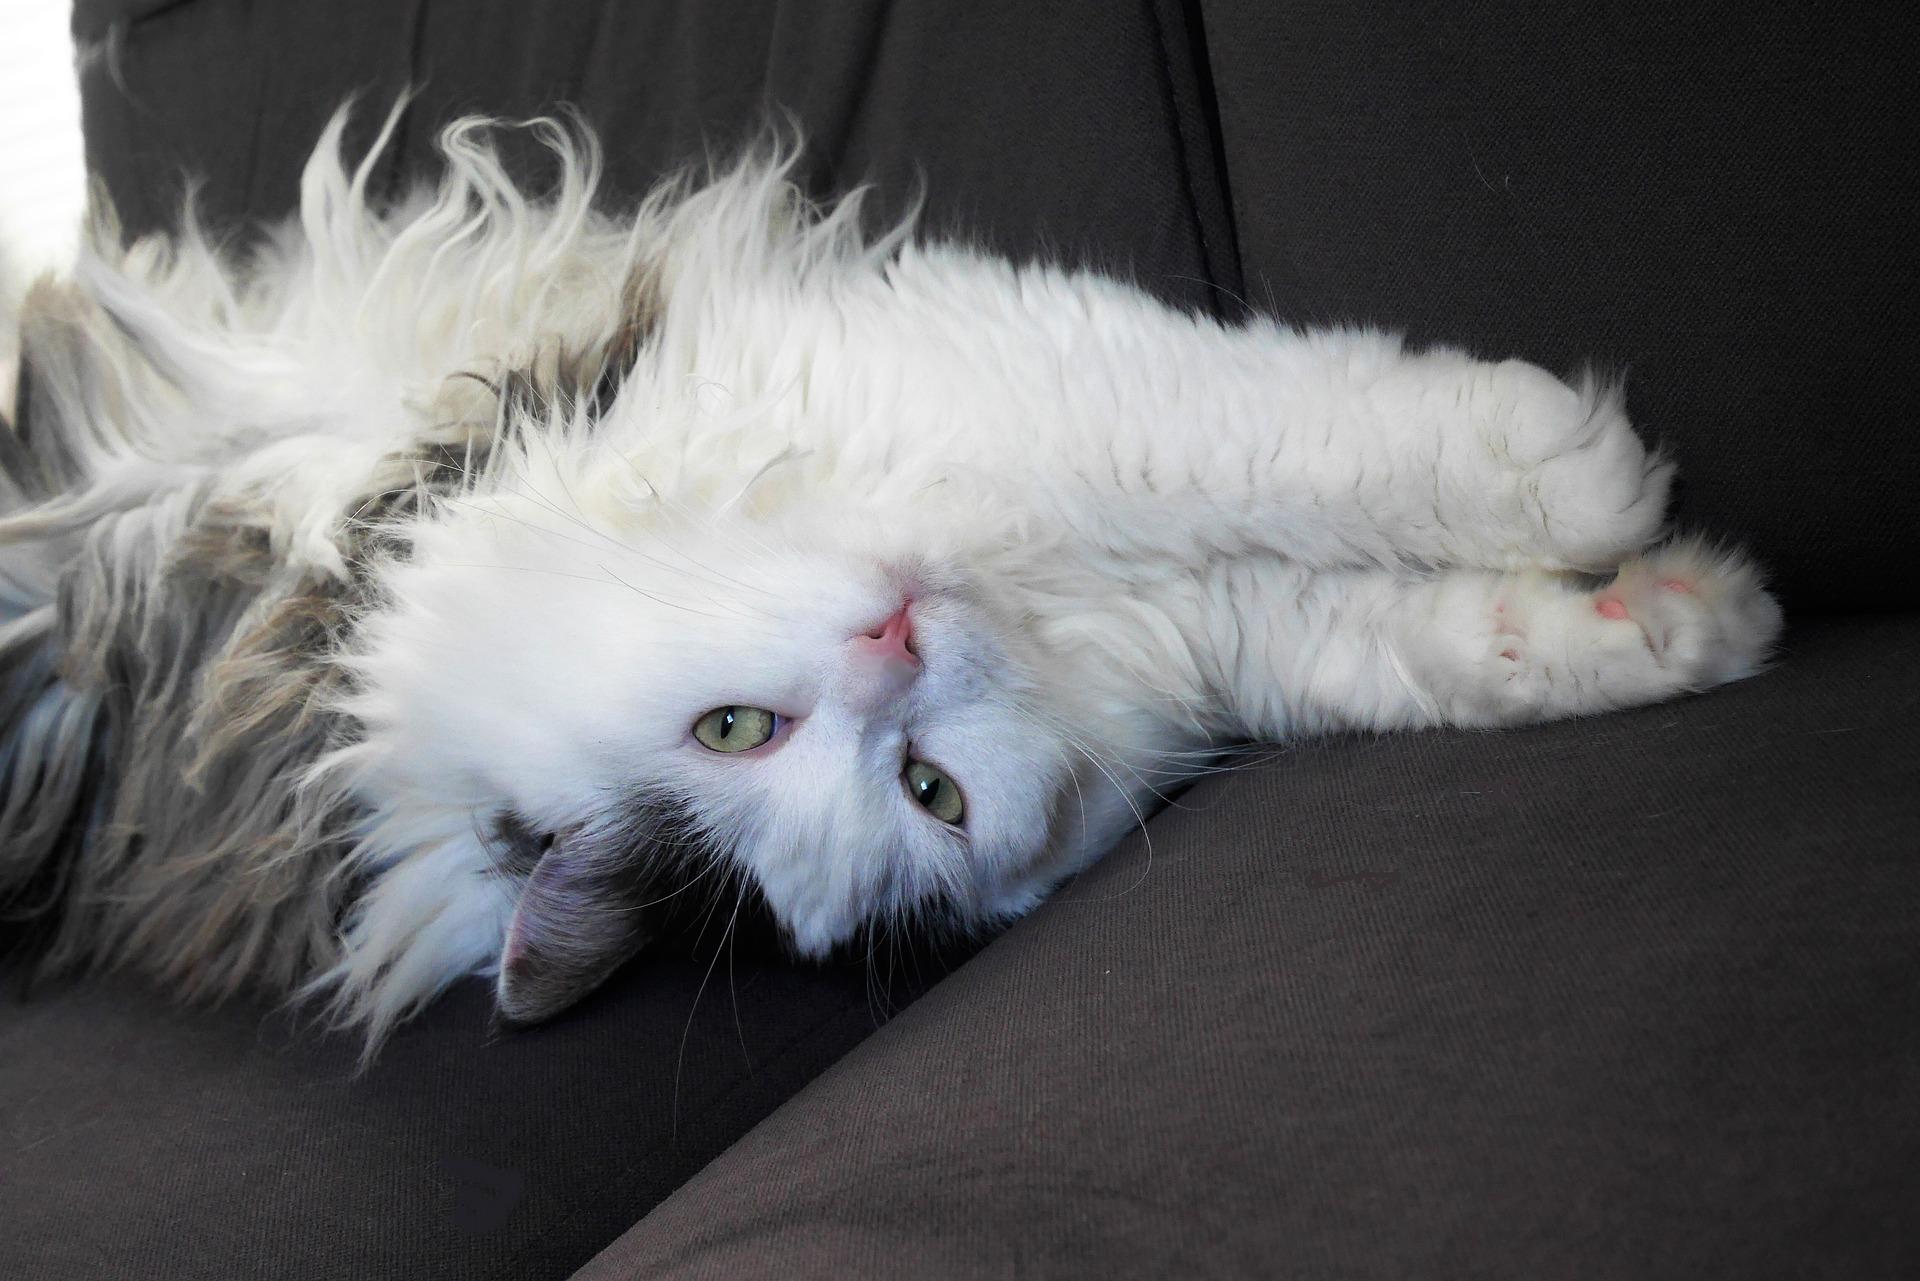 Kot syberyjski jest żywiołowy i przyjacielski. Uwielbia zabawę, skoki i wspinanie się.